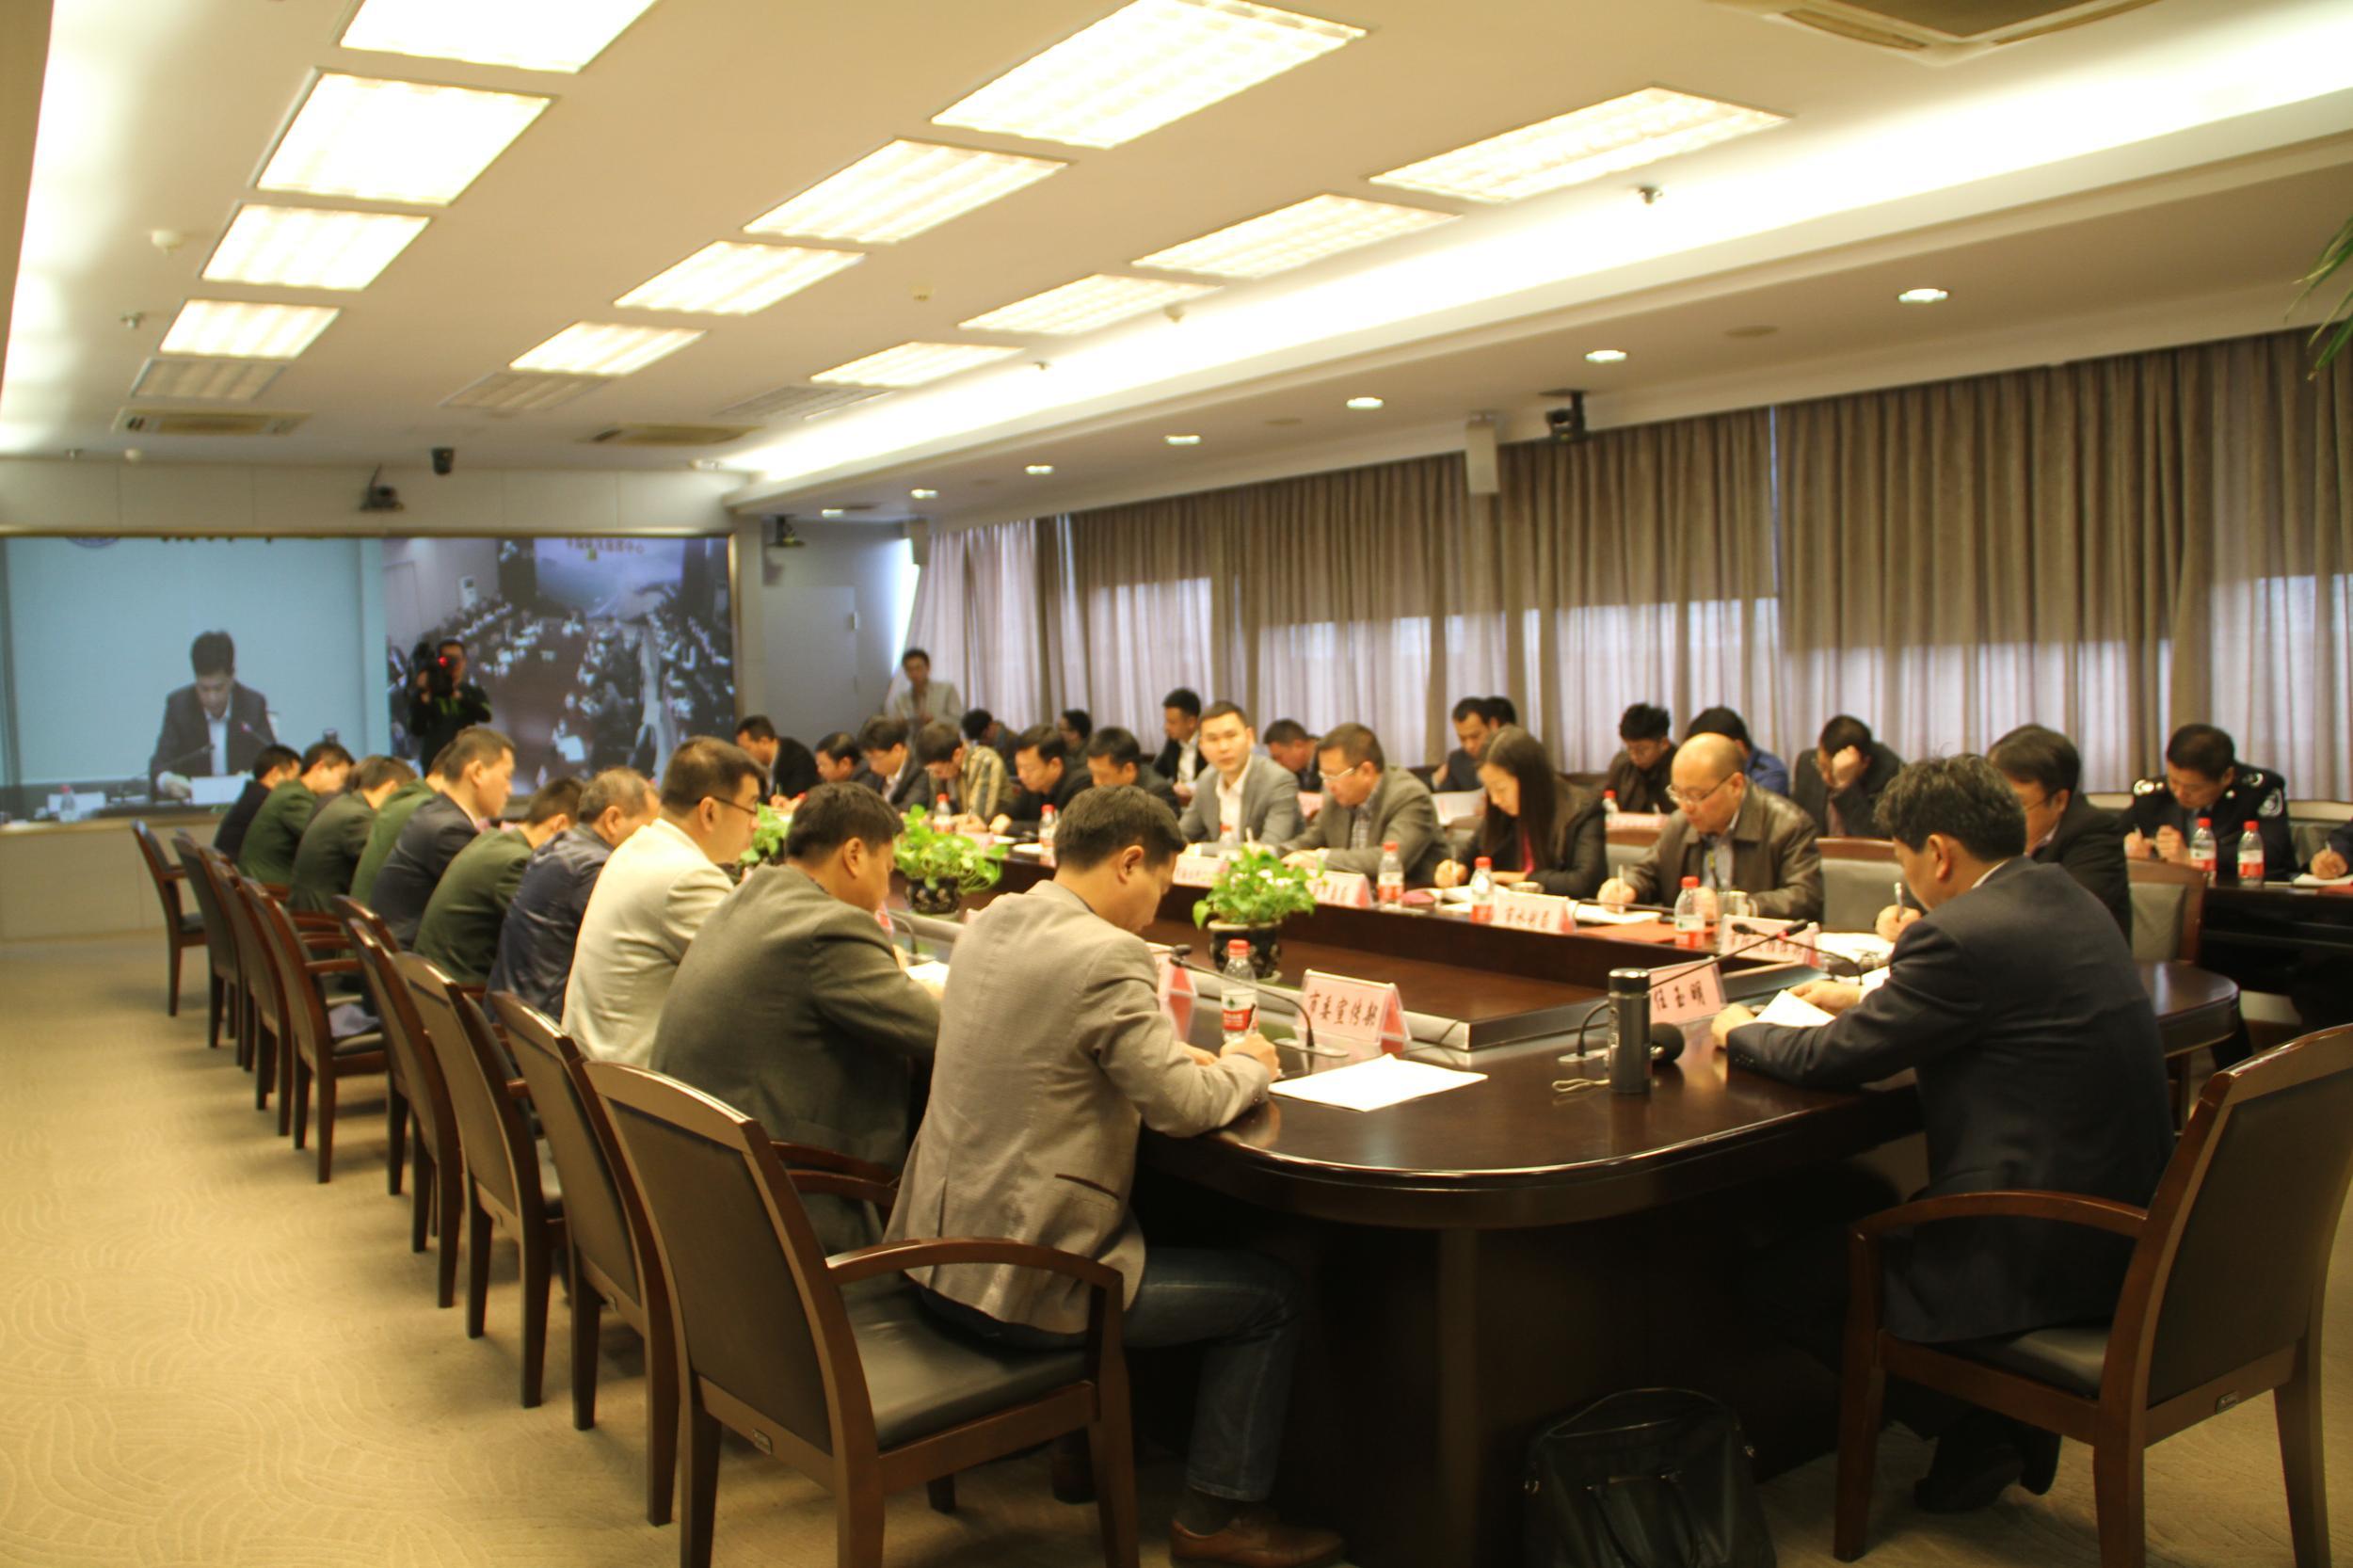 温州市召开防汛工作会议 任玉明副市长动员部署防汛工作